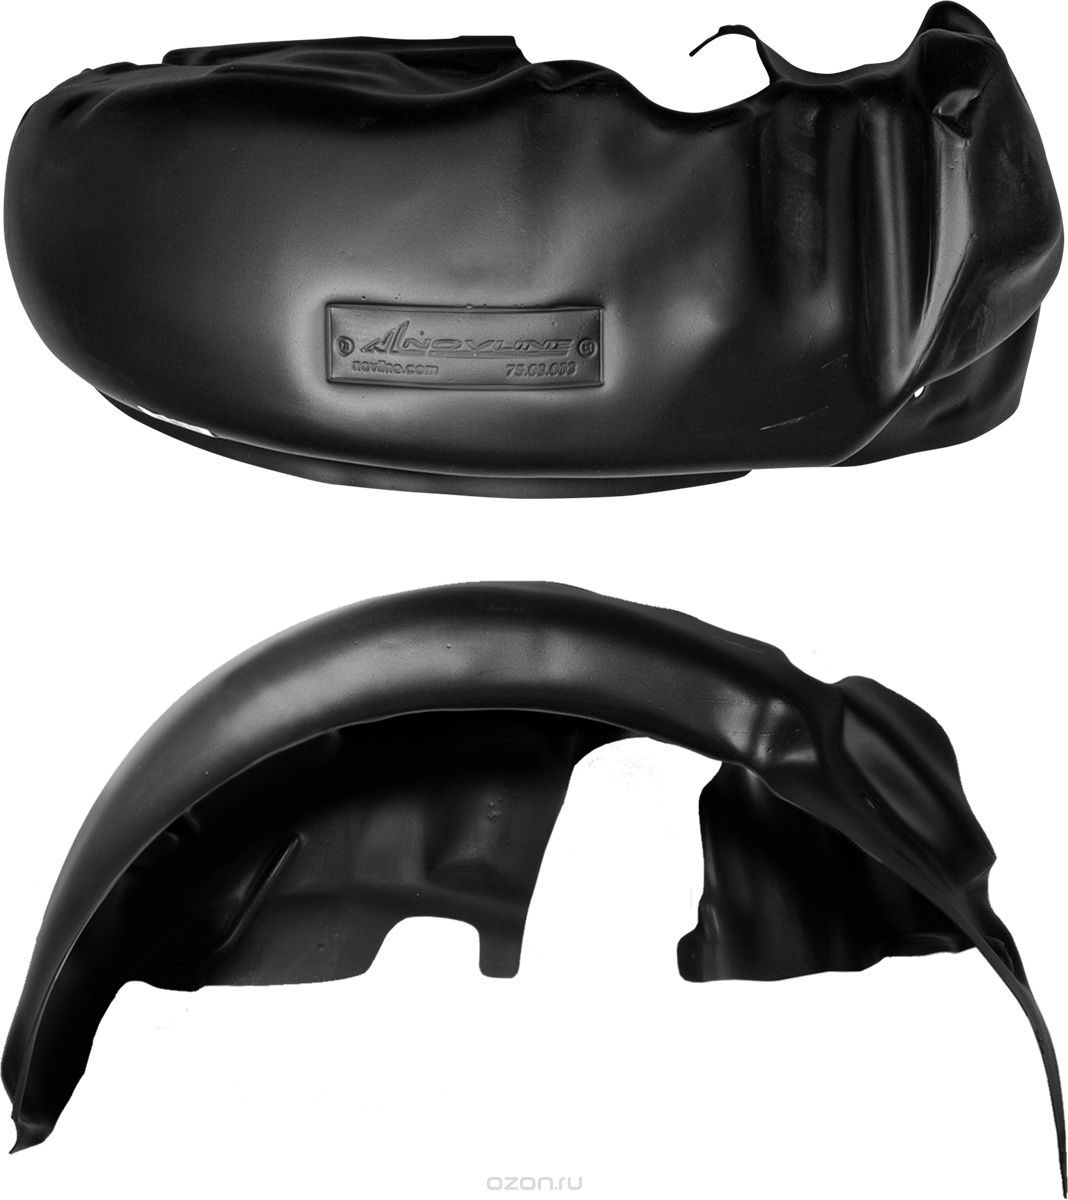 Подкрылок Novline-Autofamily, для FIAT FullBack, 2016->, передний левыйNLL.15.22.001Идеальная защита колесной ниши. Локеры разработаны с применением цифровых технологий, гарантируют максимальную повторяемость поверхности арки. Изделия устанавливаются без нарушения лакокрасочного покрытия автомобиля, каждый подкрылок комплектуется крепежом. Уважаемые клиенты, обращаем ваше внимание, что фотографии на подкрылки универсальные и не отражают реальную форму изделия. При этом само изделие идет точно под размер указанного автомобиля.